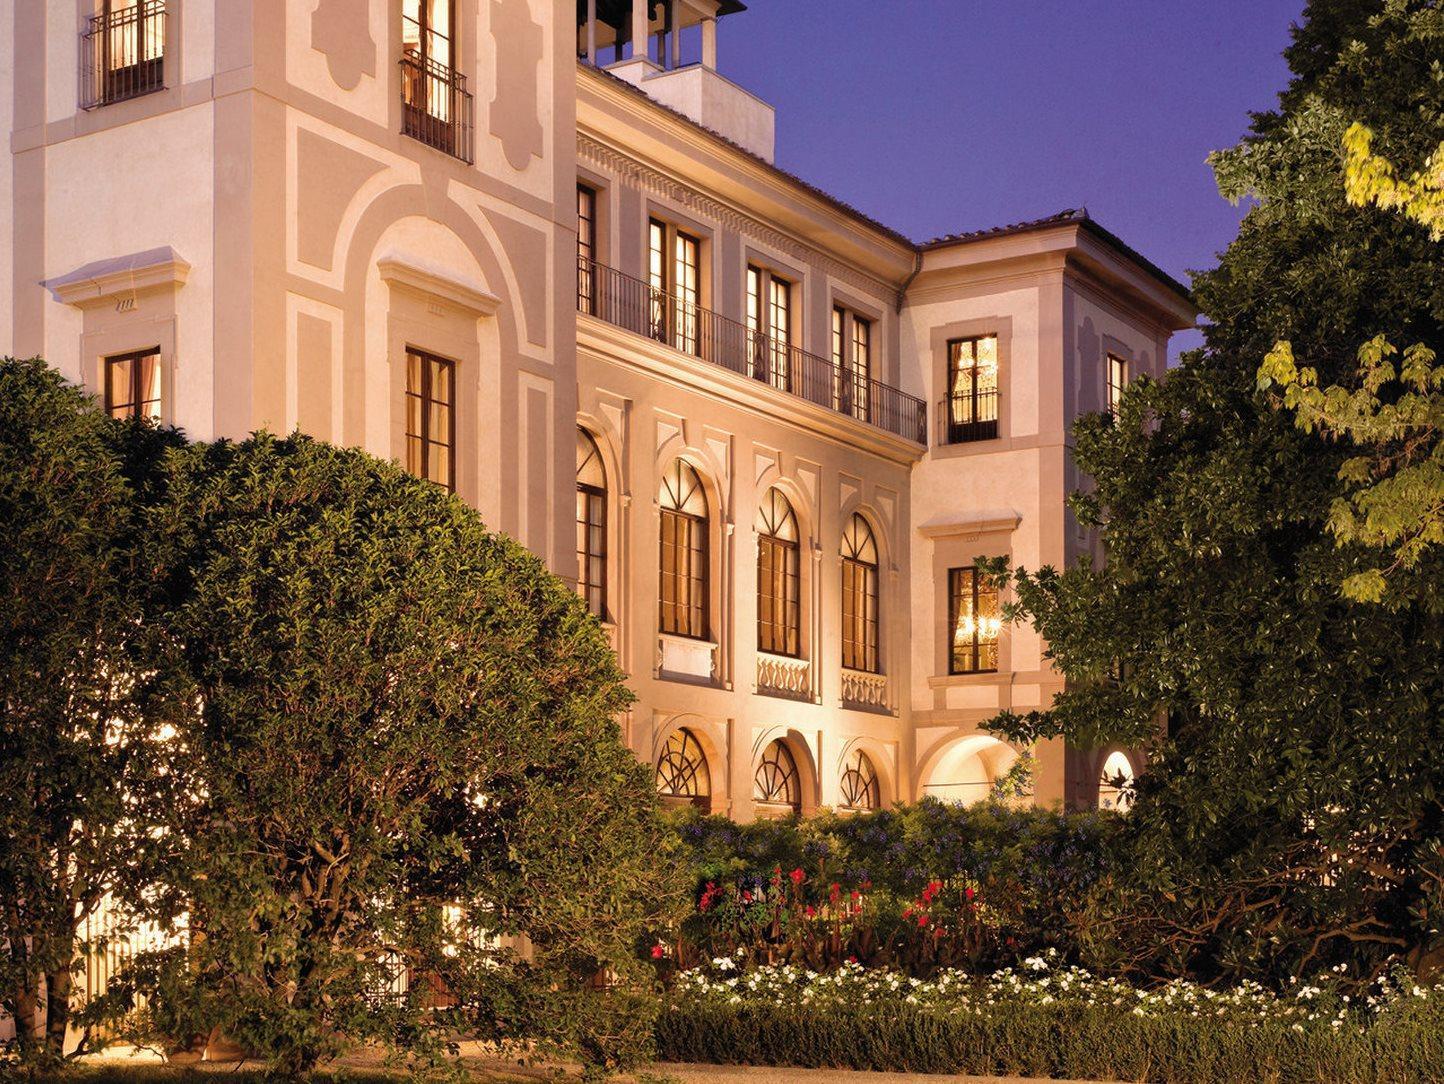 http://pix6.agoda.net/hotelImages/189/189570/189570_14032117280018811209.jpg